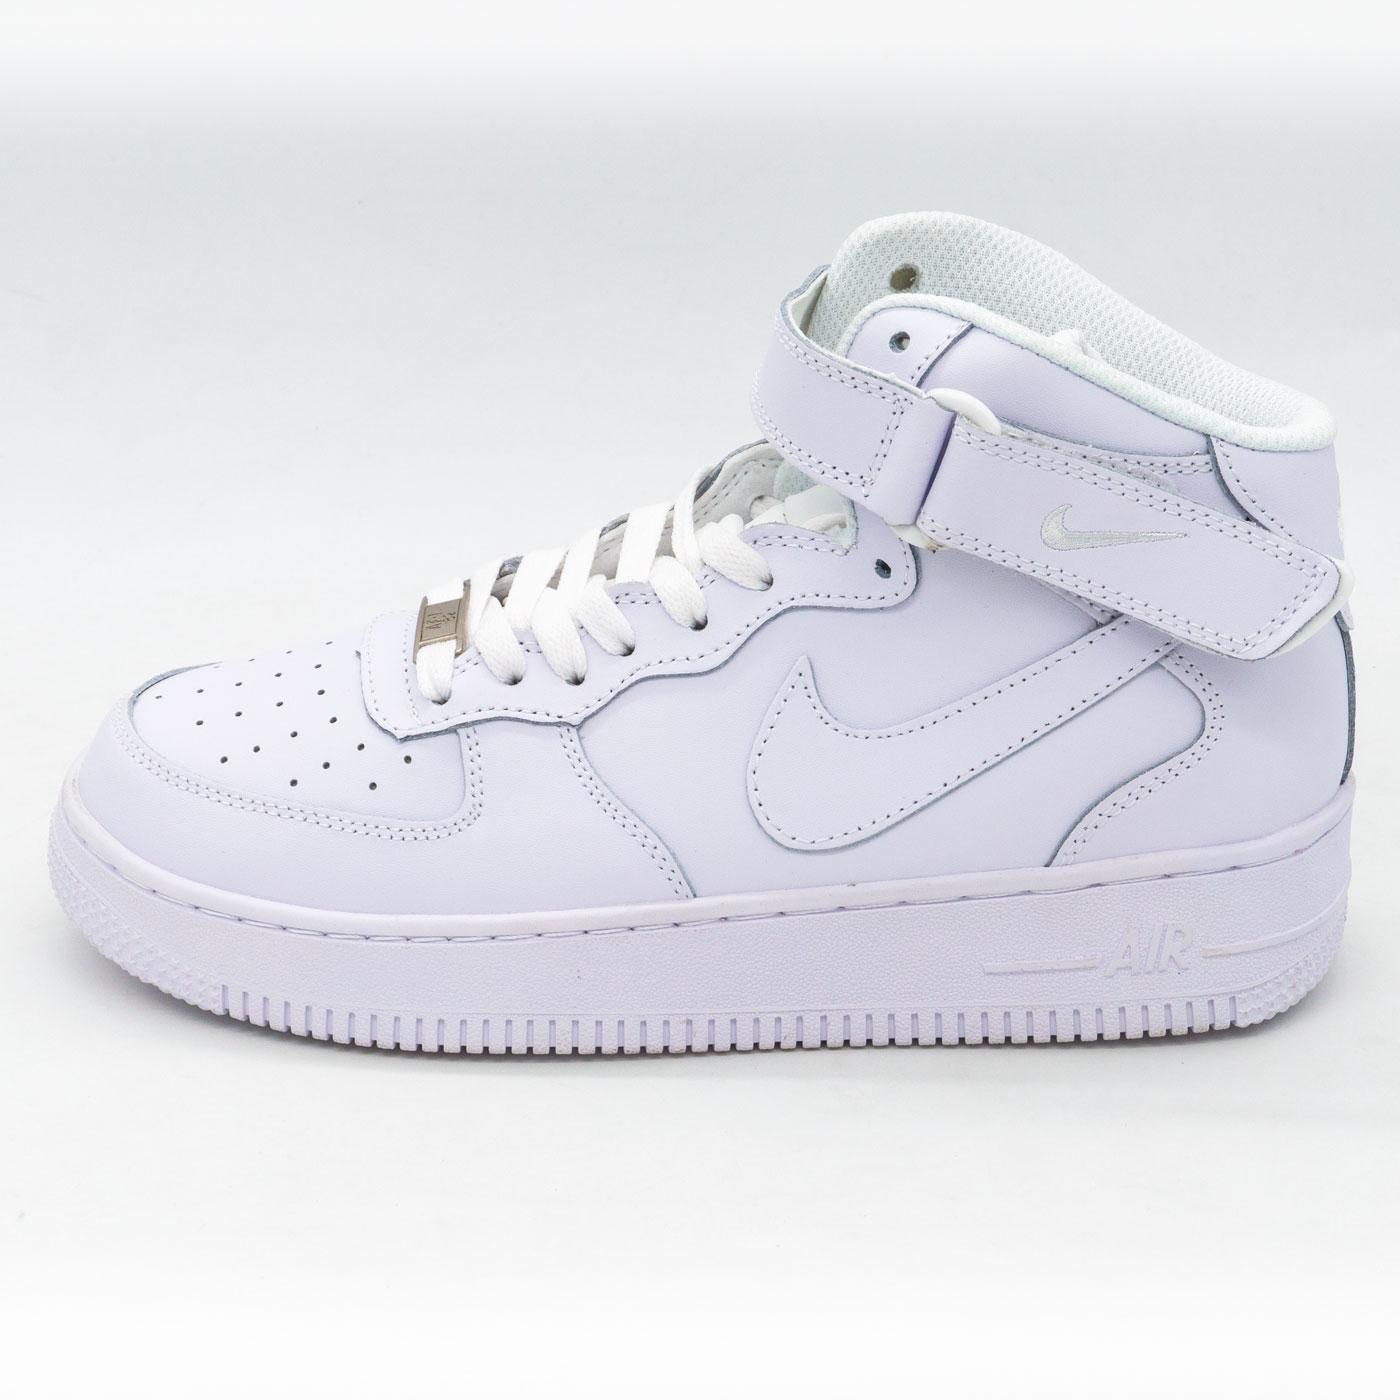 фото main Кроссовки Nike Air Force высокие белые main